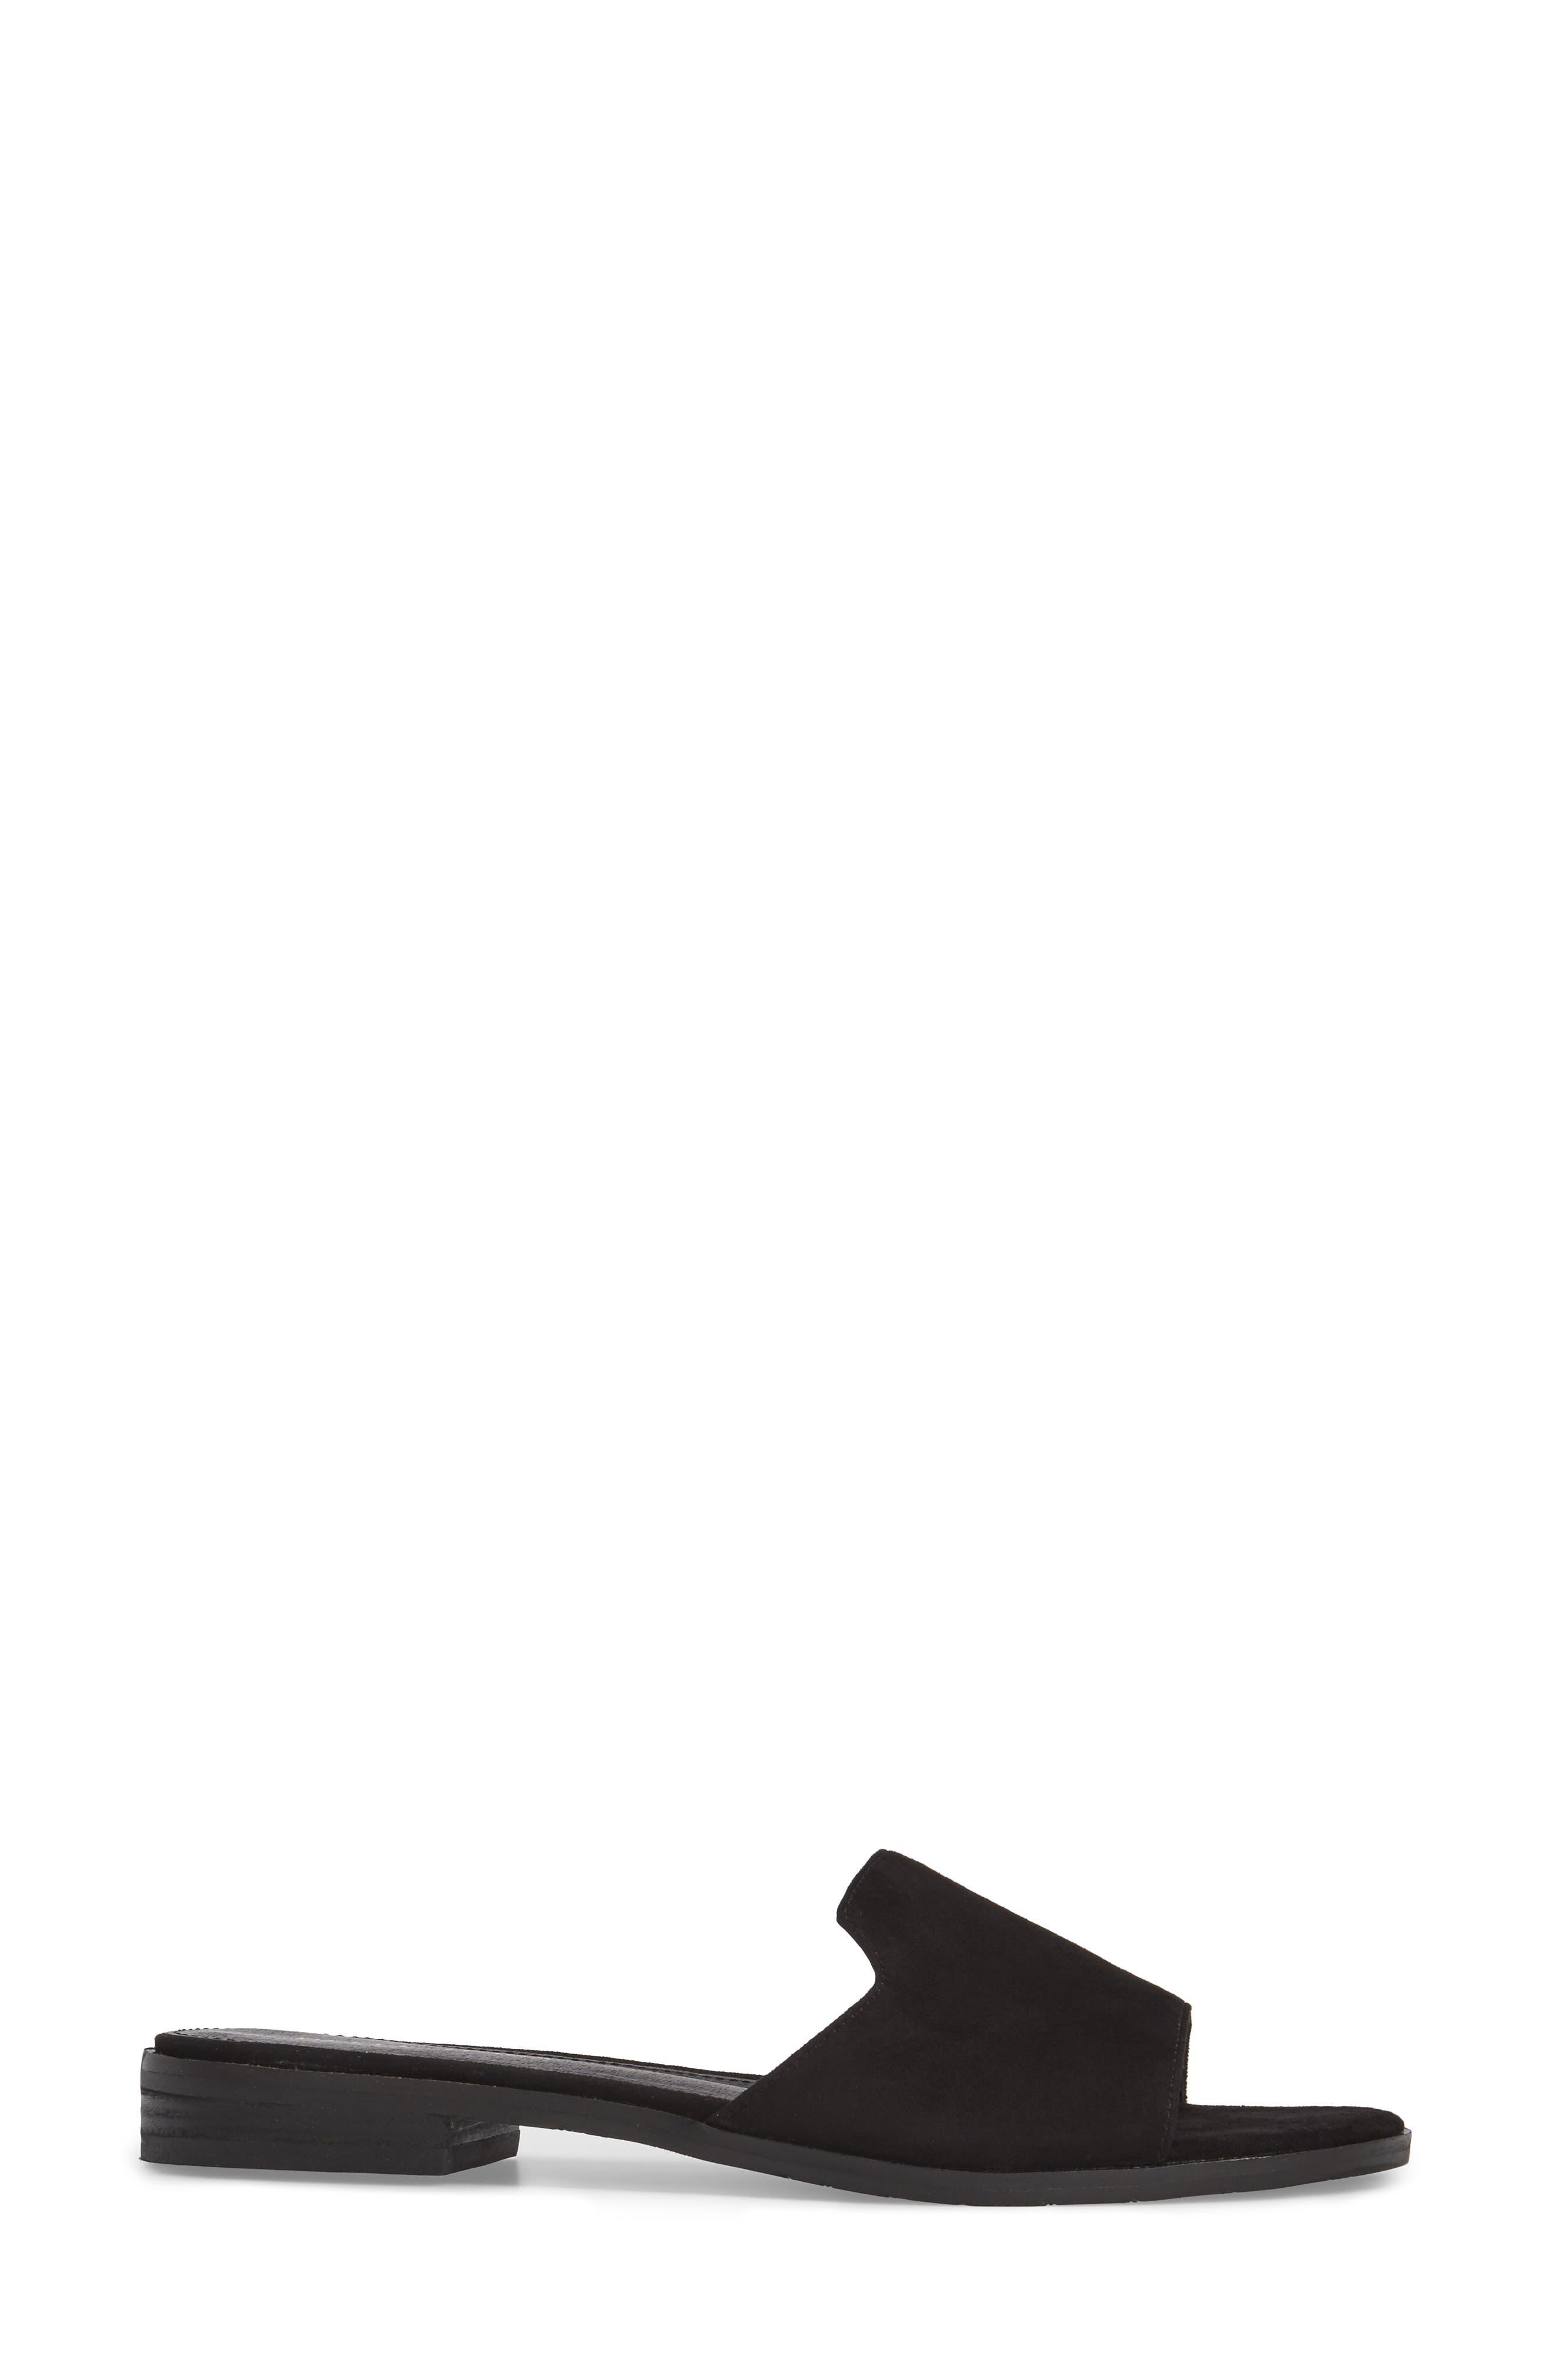 Alternate Image 3  - Pelle Moda Hailey Slide Sandal (Women)